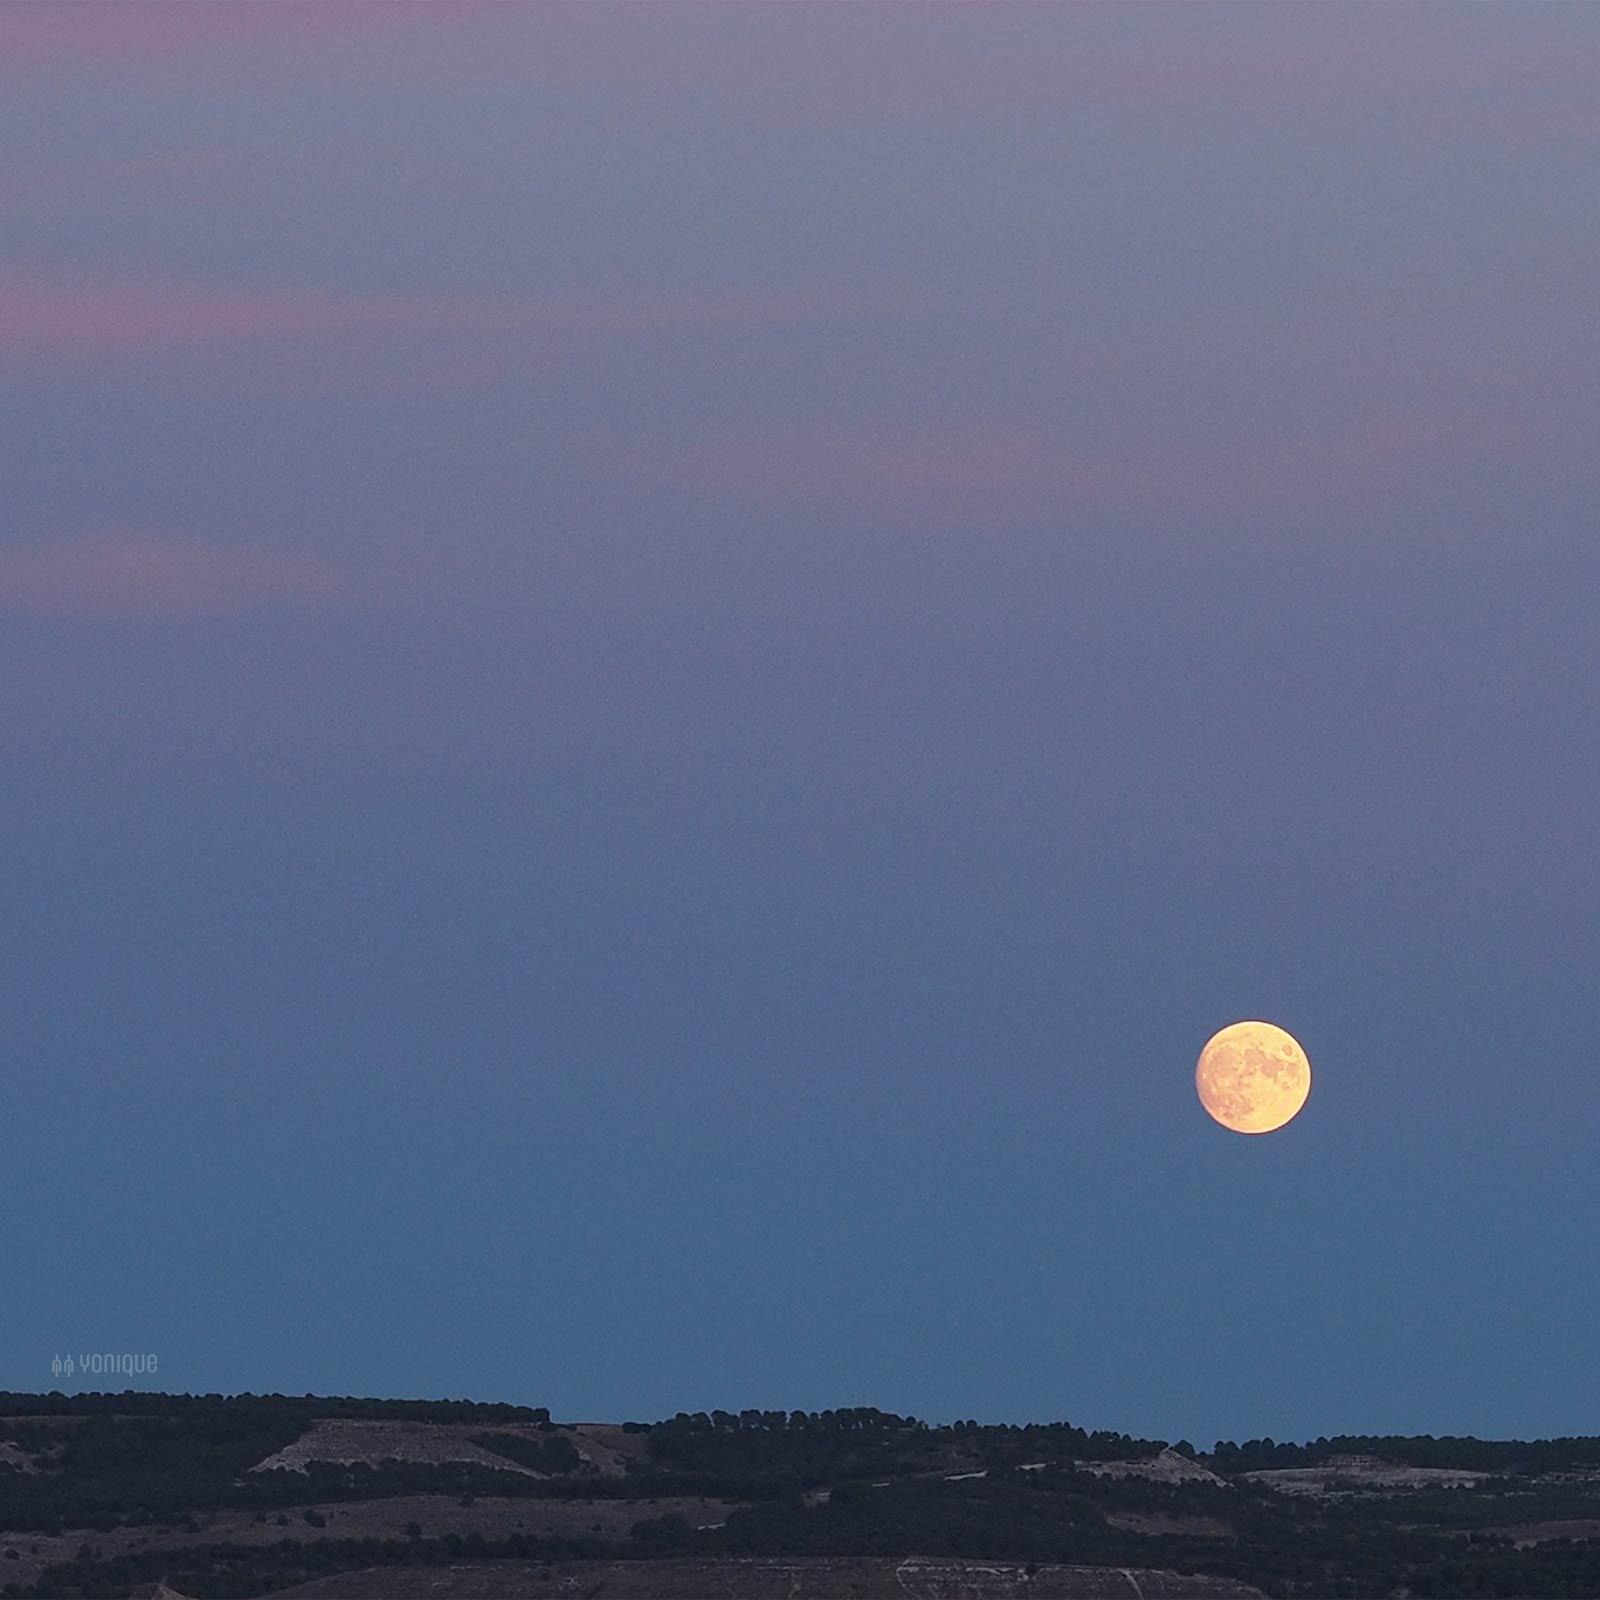 luna-cosecha-lune-moissons-valladolid-yoniquenews